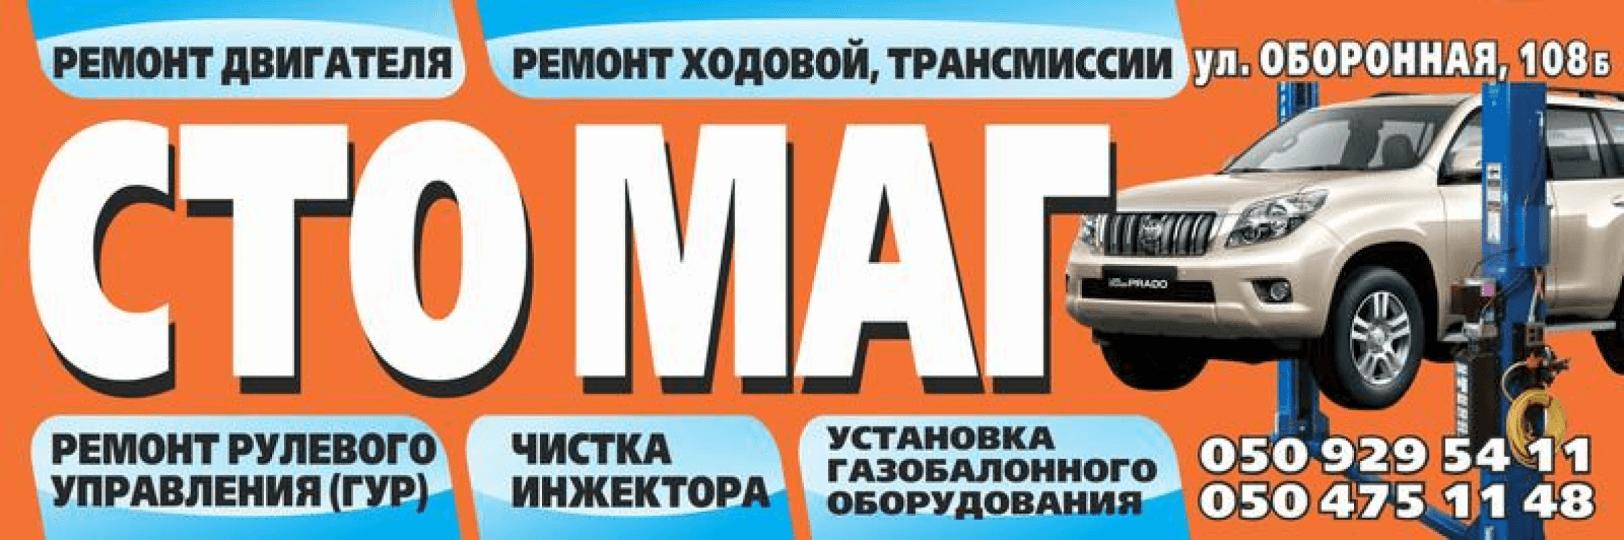 МАГ, СТО, 2020, Ленинский район, ул. Оборонная, 108Б, записаться, отзывы